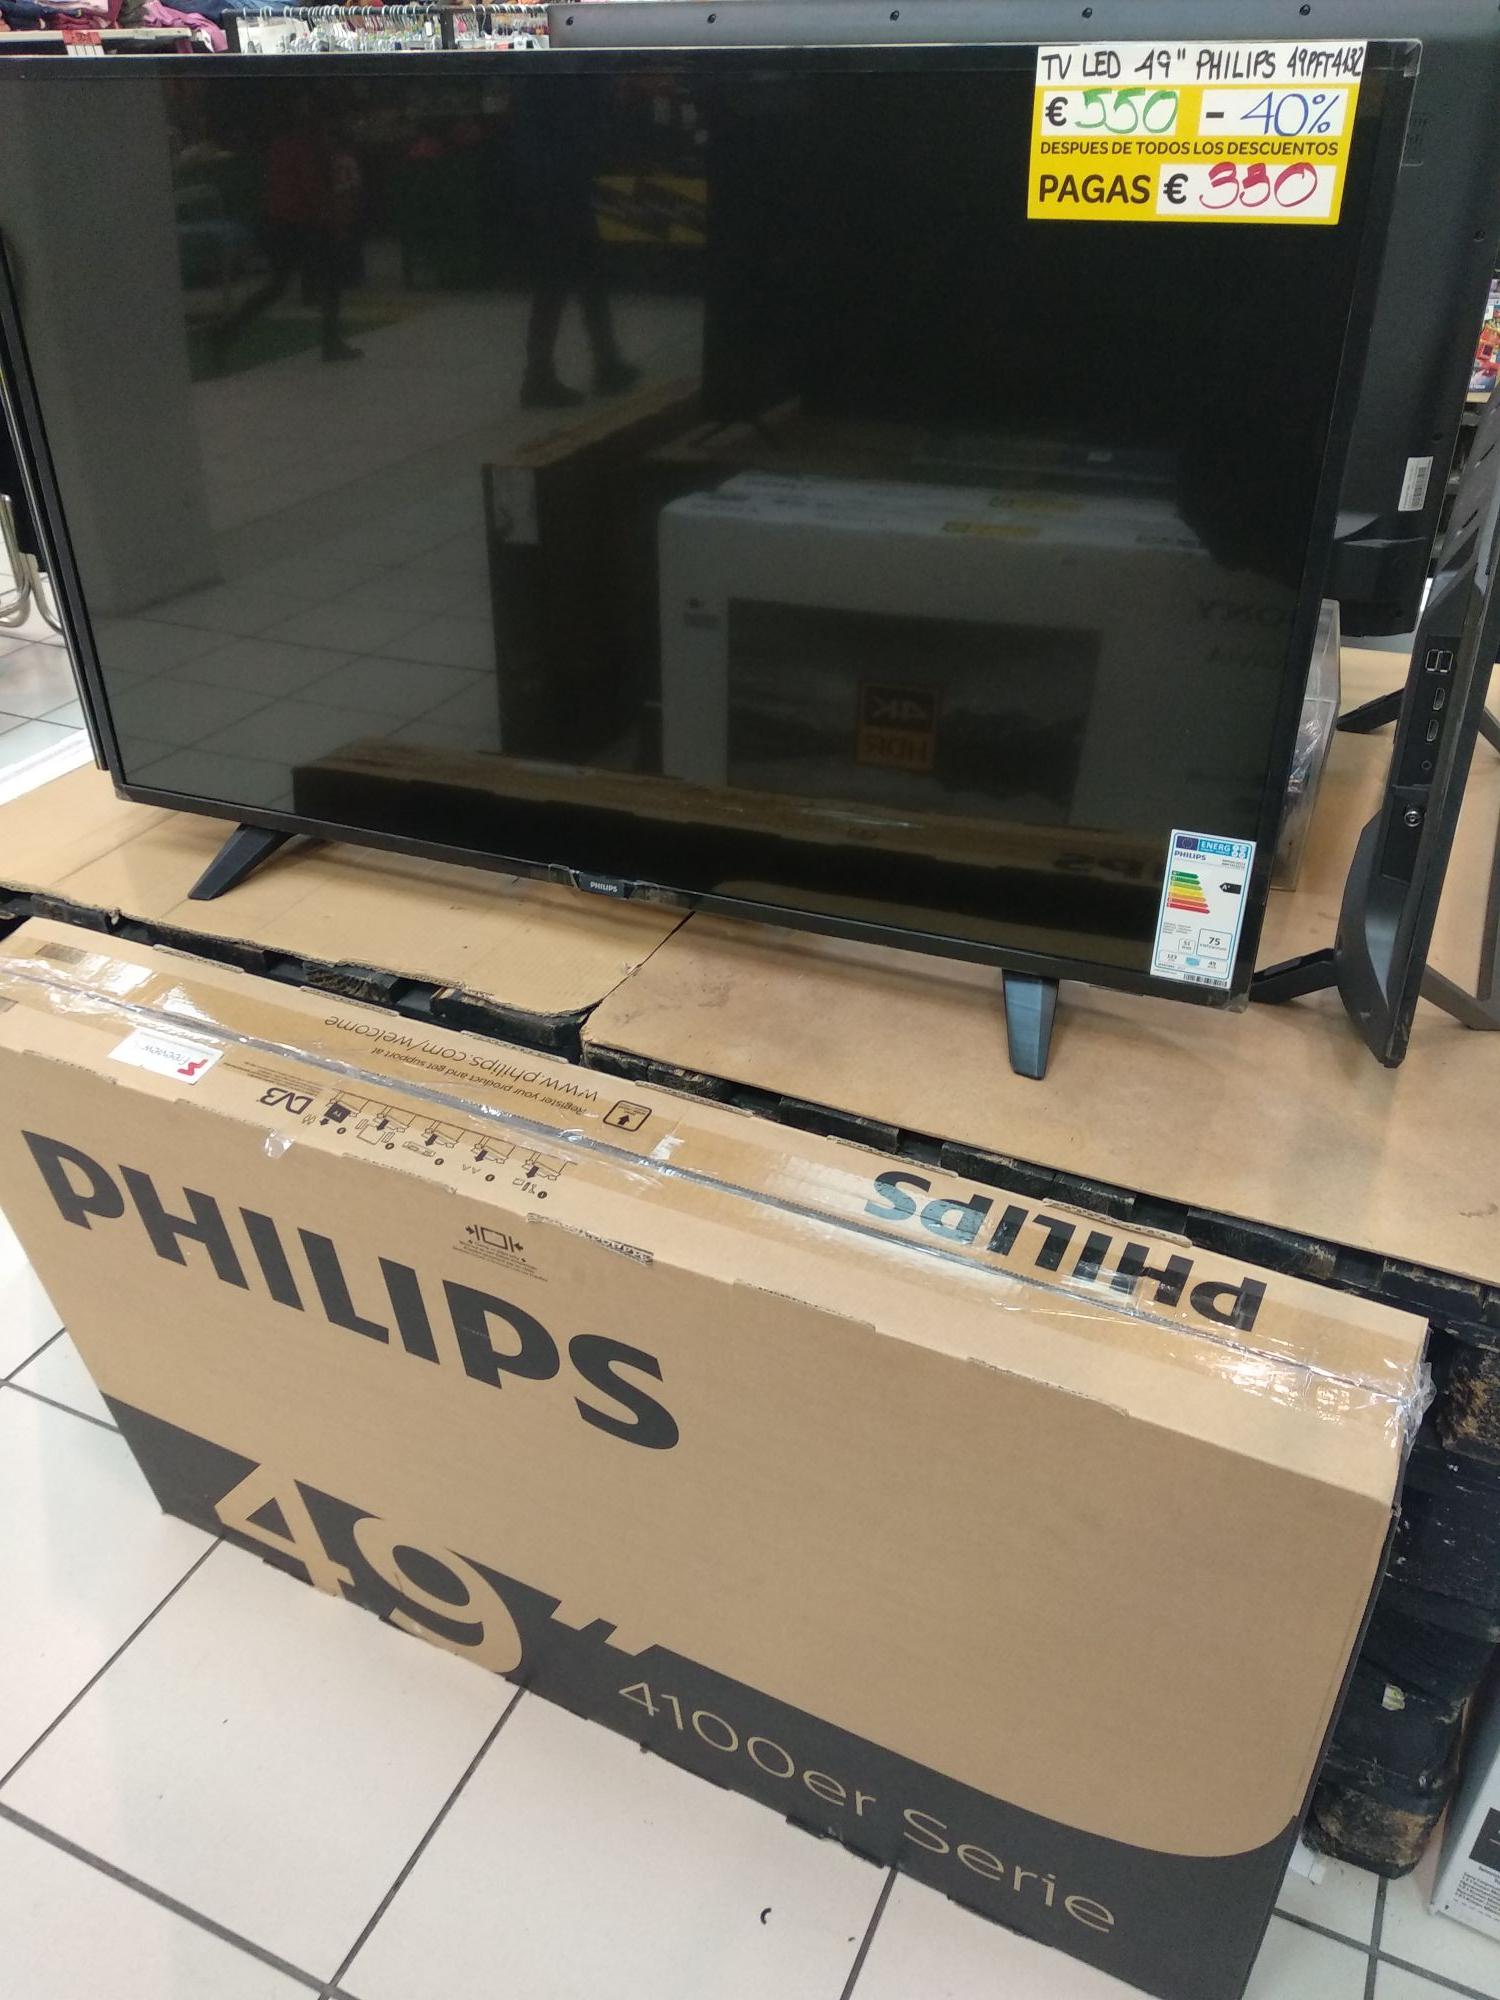 """TV LED 49"""" Philips 49PFT4132 a buen precio en el outlet de Carrefour en Vitoria"""